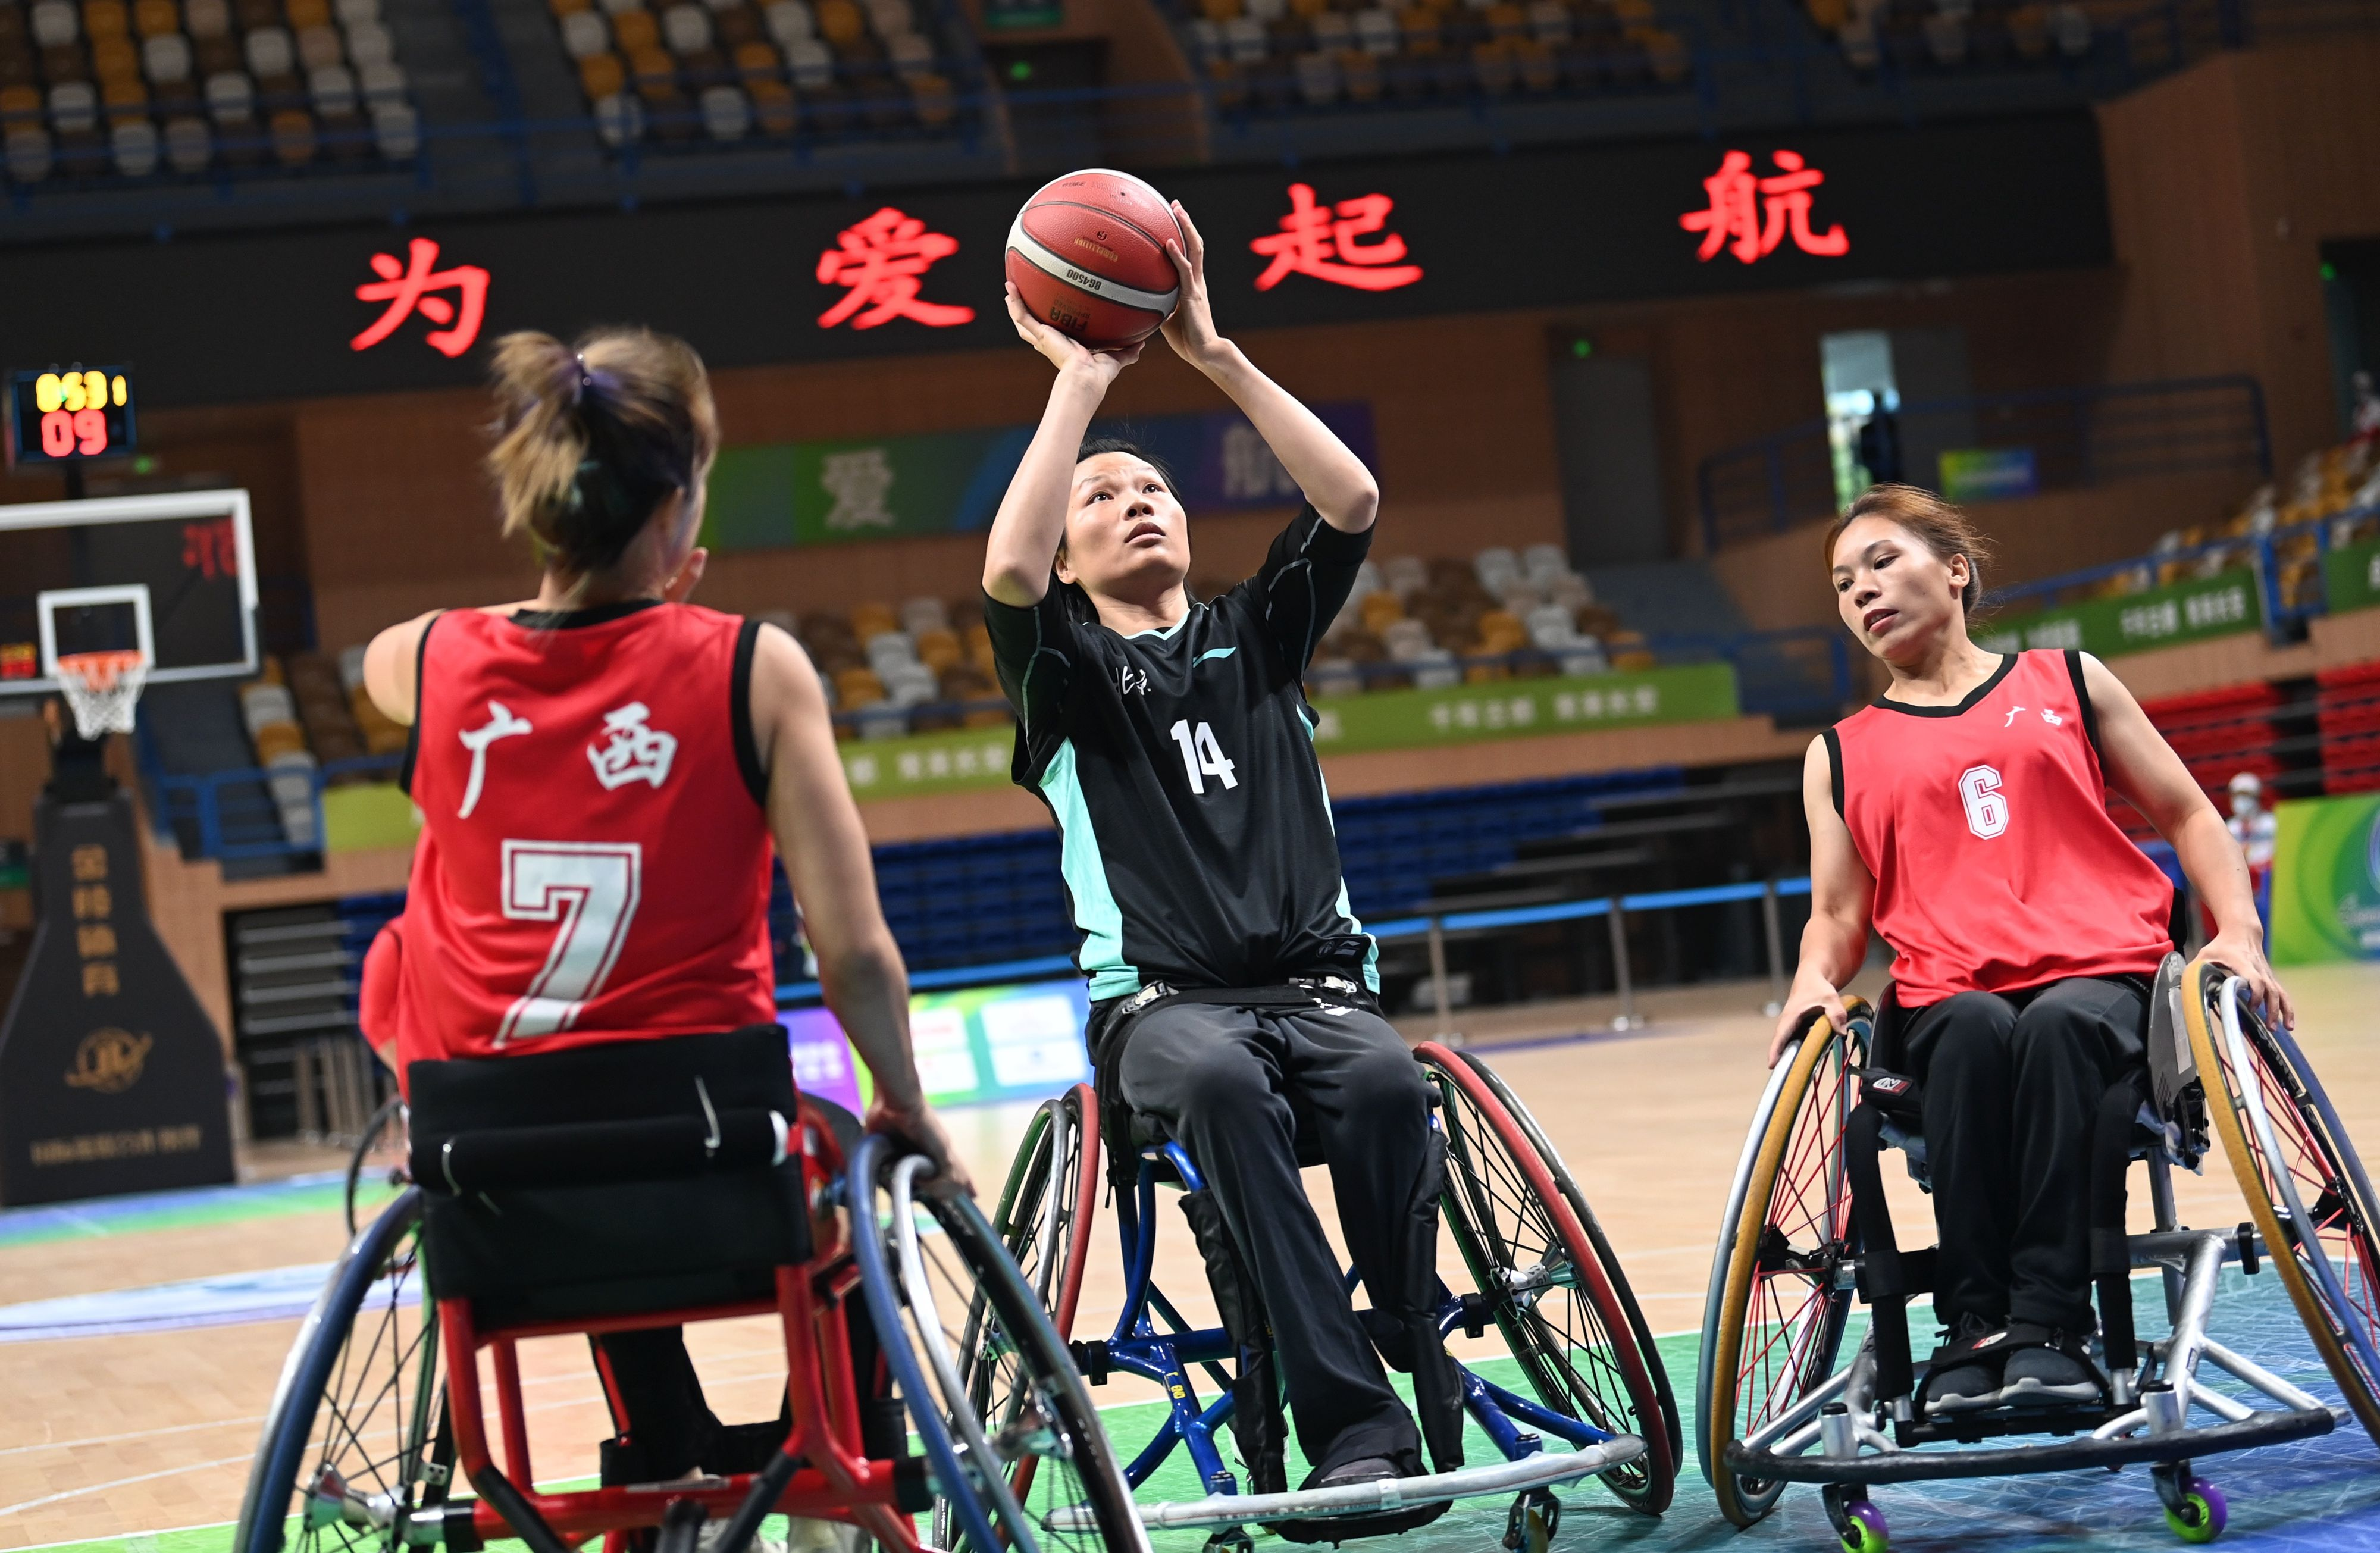 残运会——轮椅篮球:北京女队胜广西女队